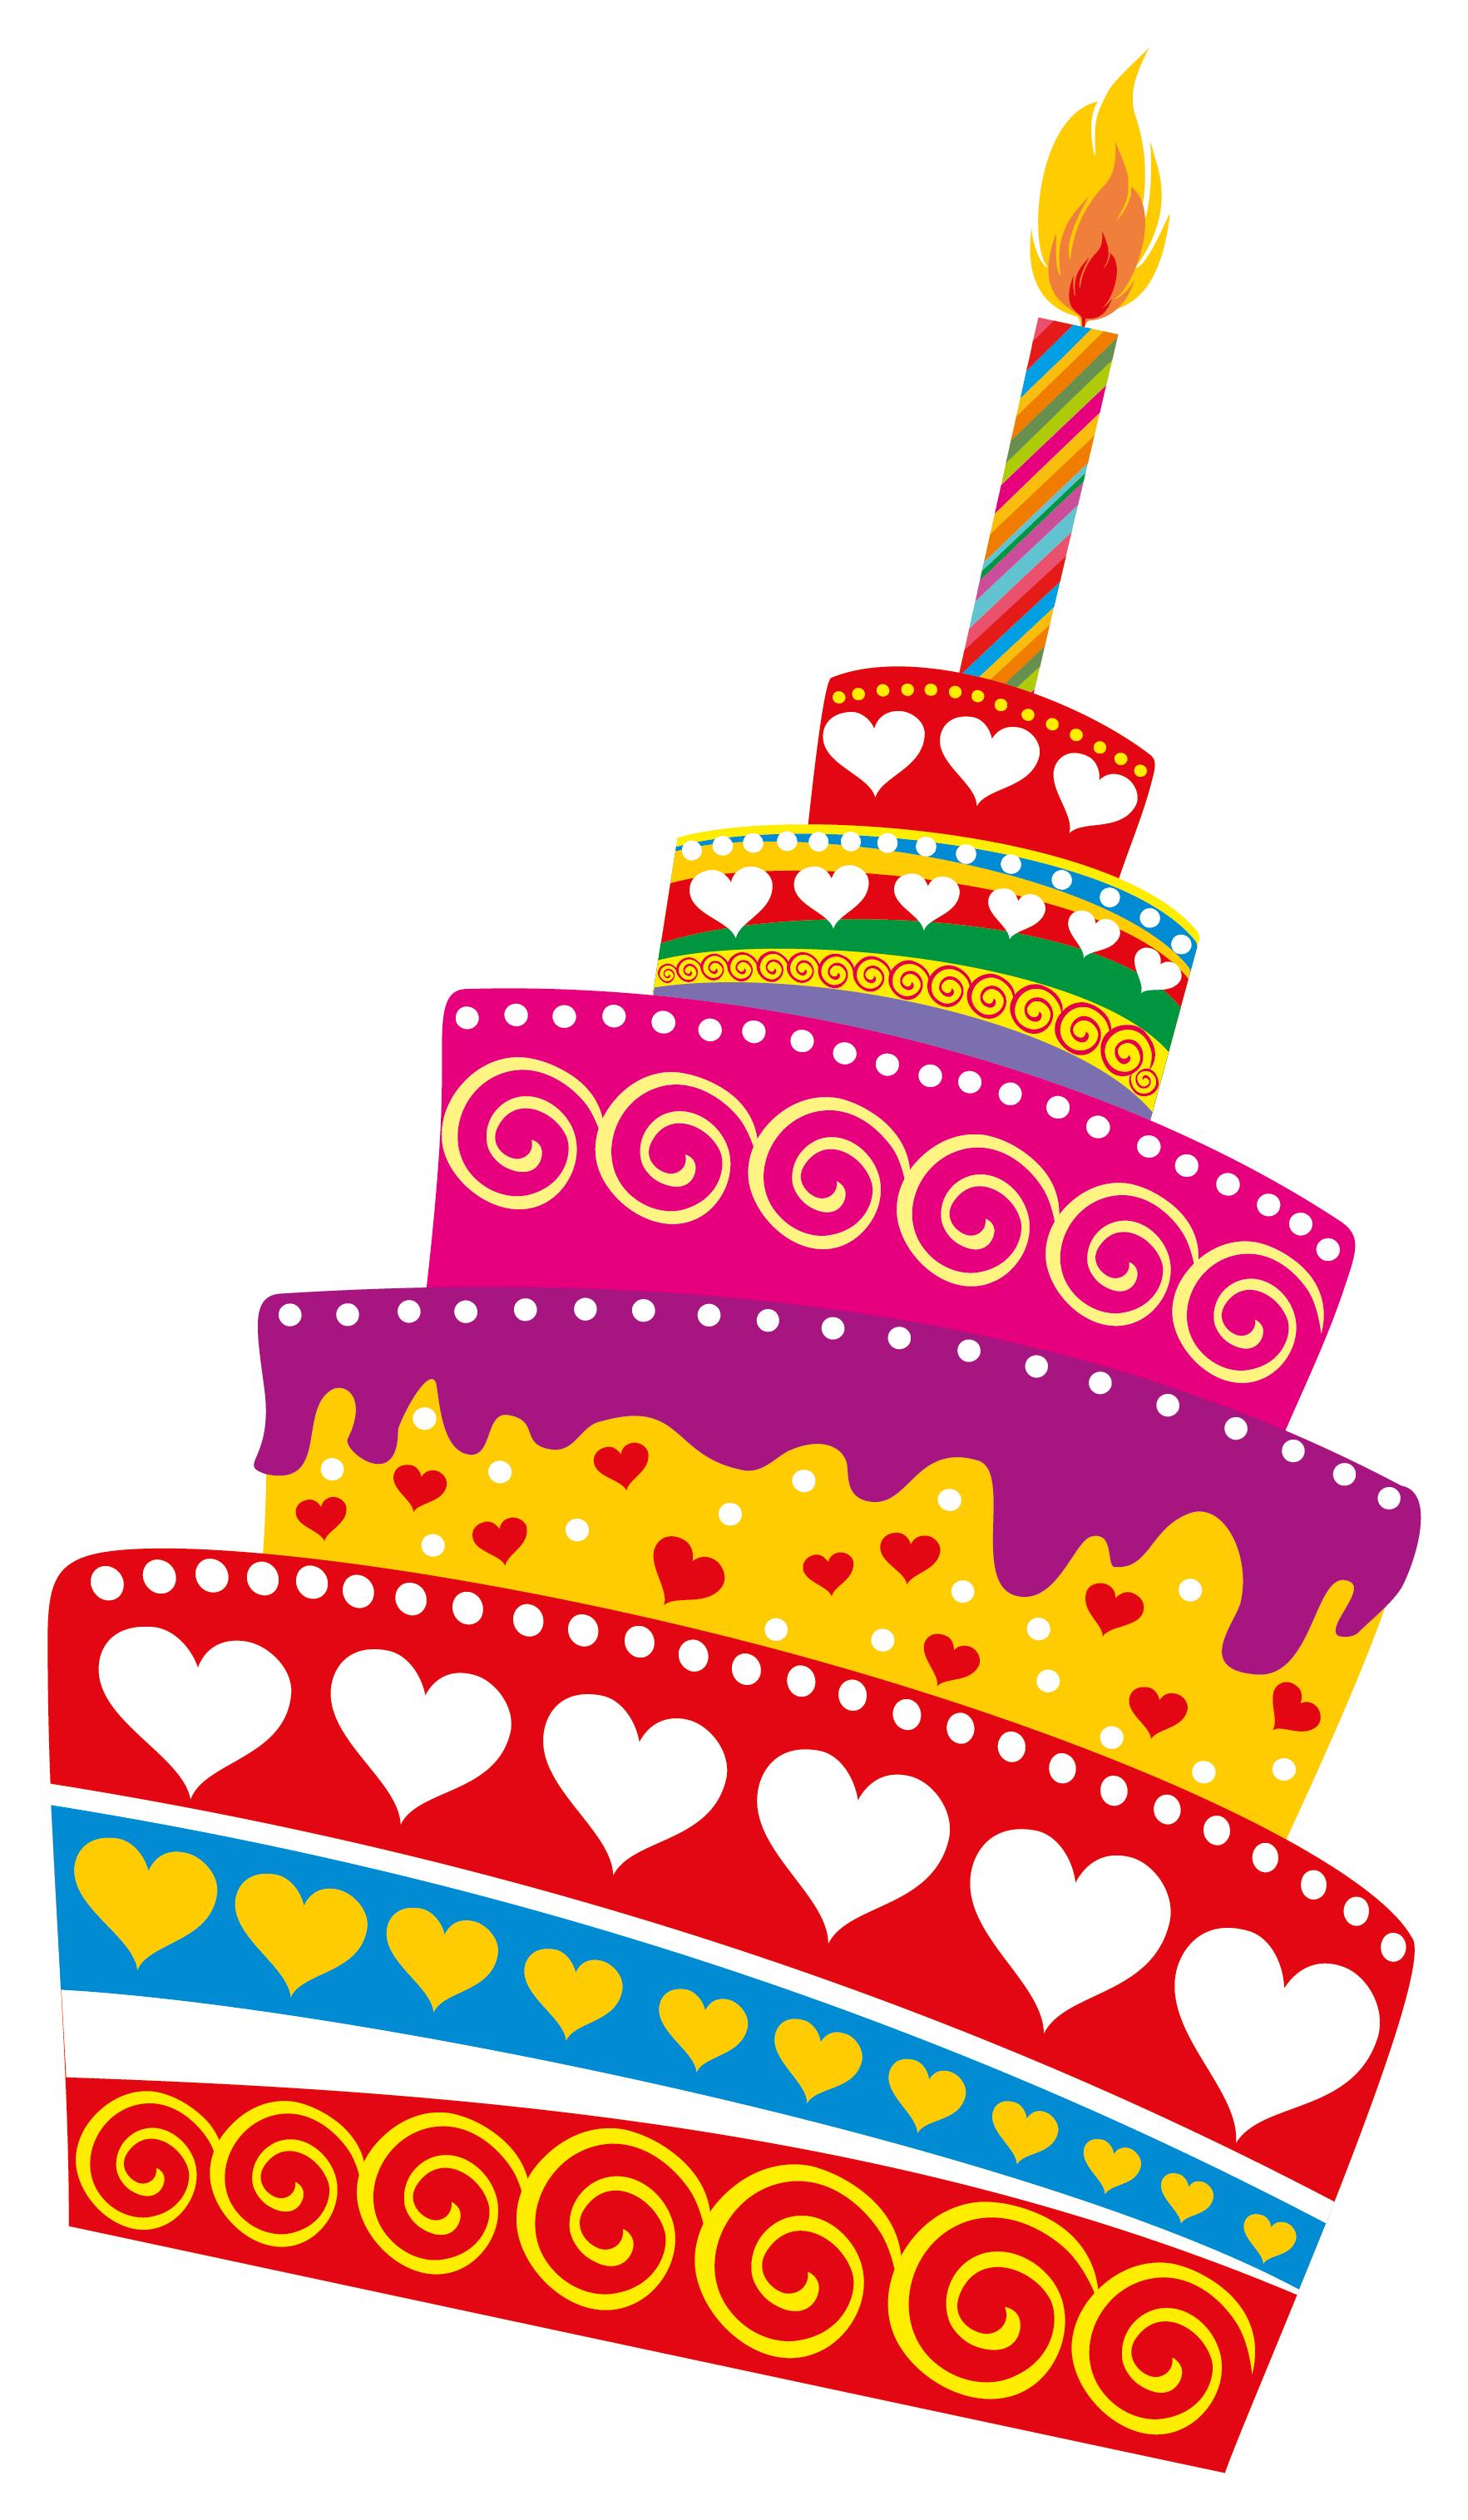 Векторный клипарт открытки с днем рождения, сфера стихи день